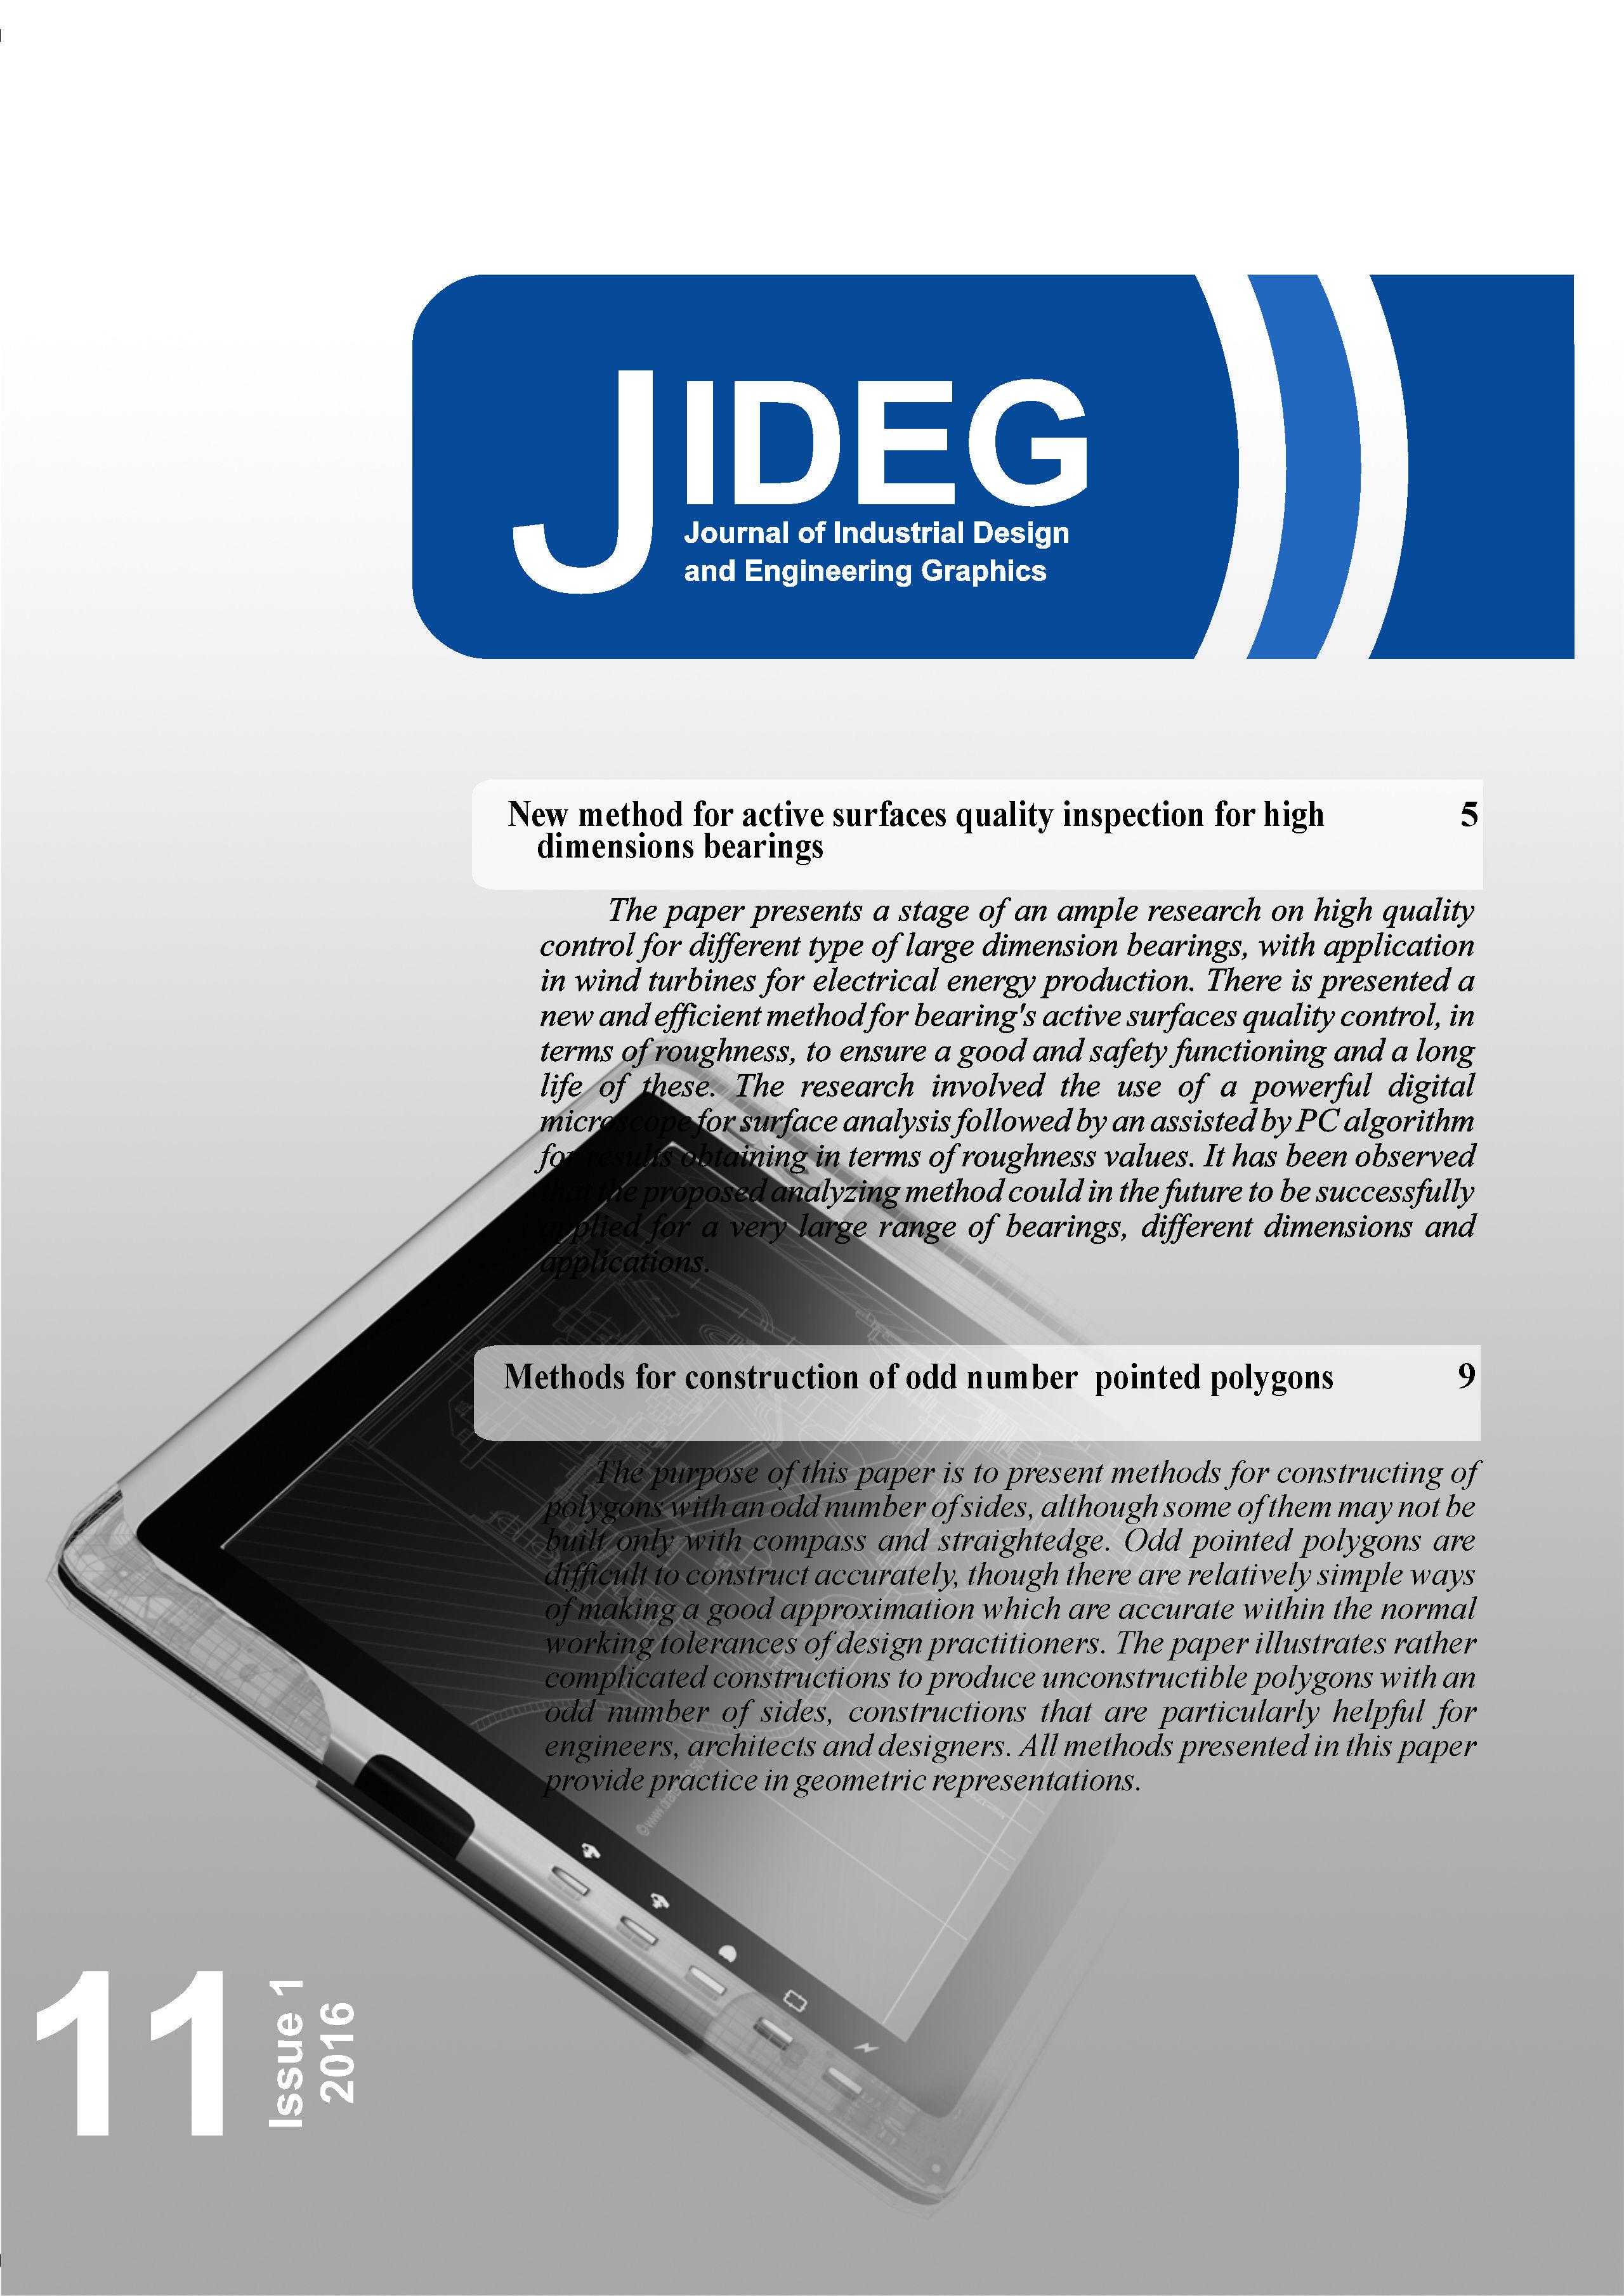 3d modeling for car body design jideg 3d modeling for car body design malvernweather Choice Image